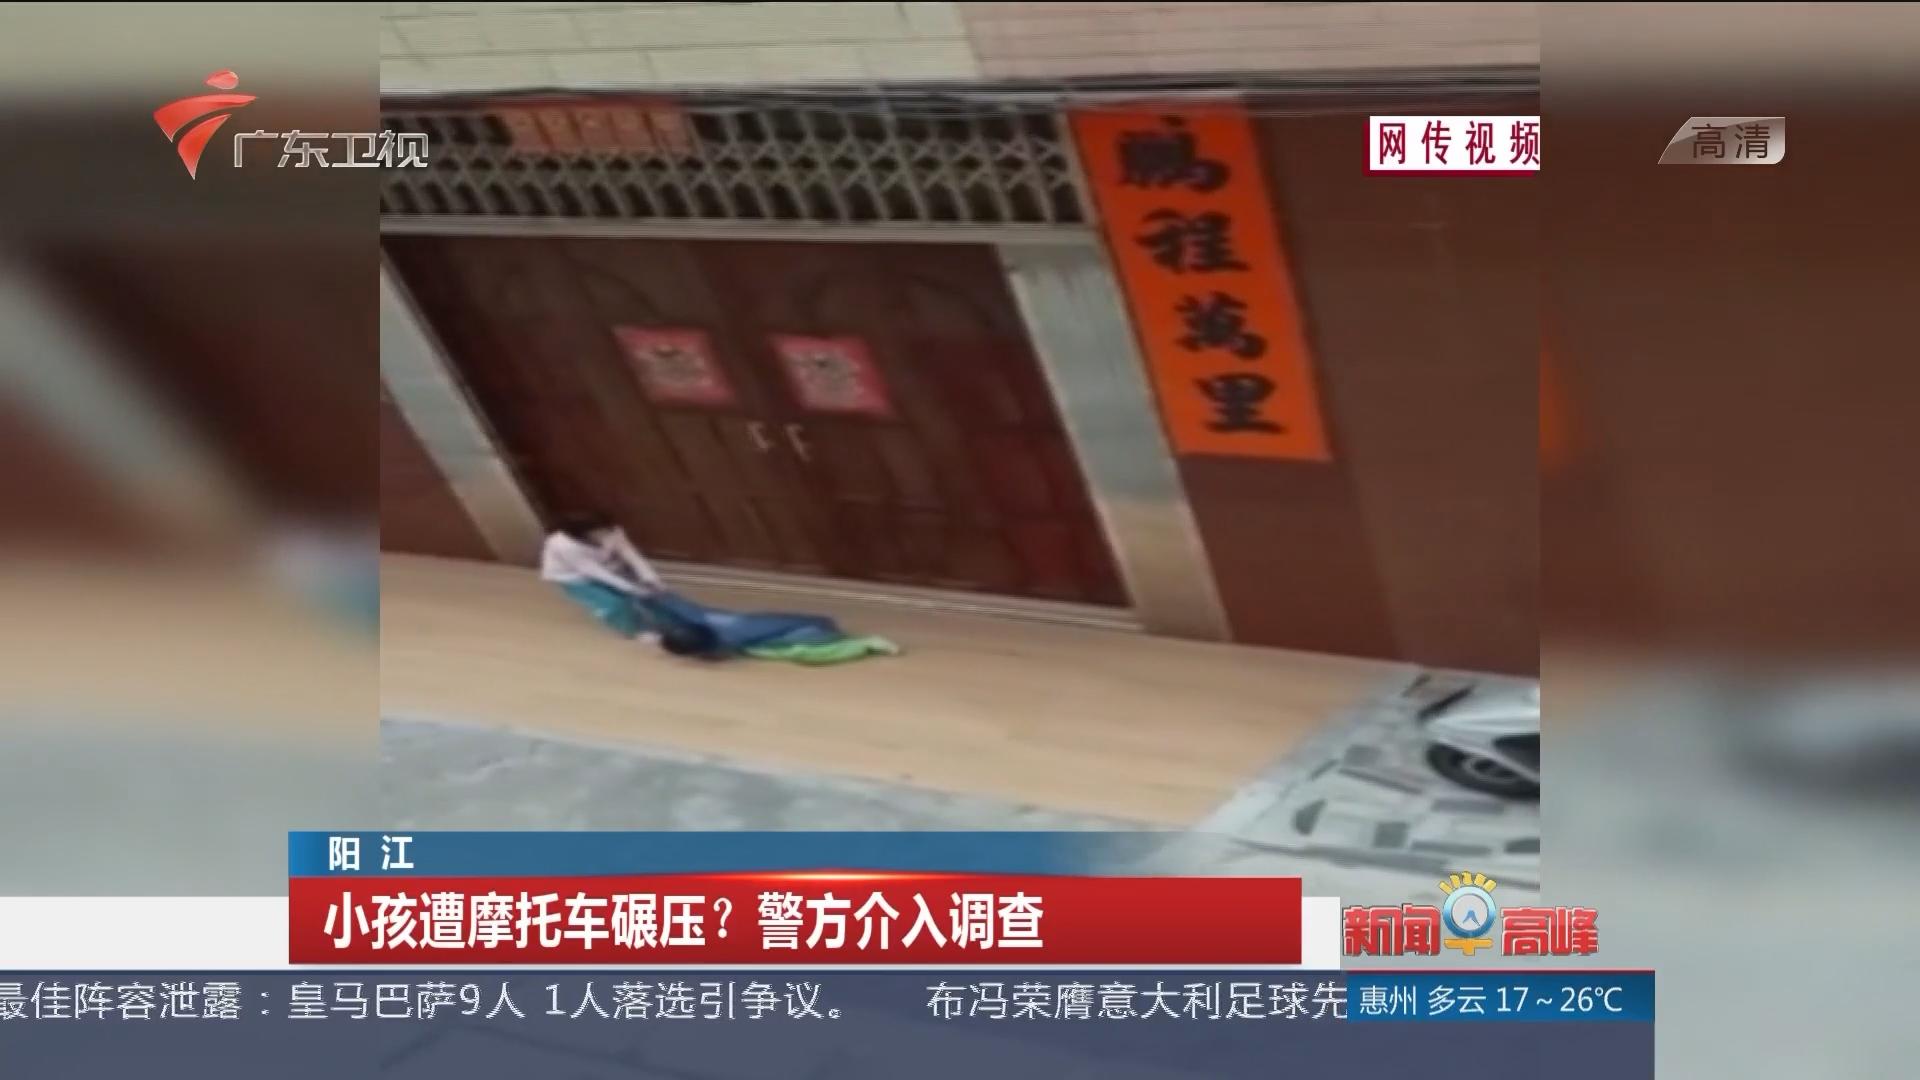 阳江:小孩遭摩托车碾压?警方介入调查